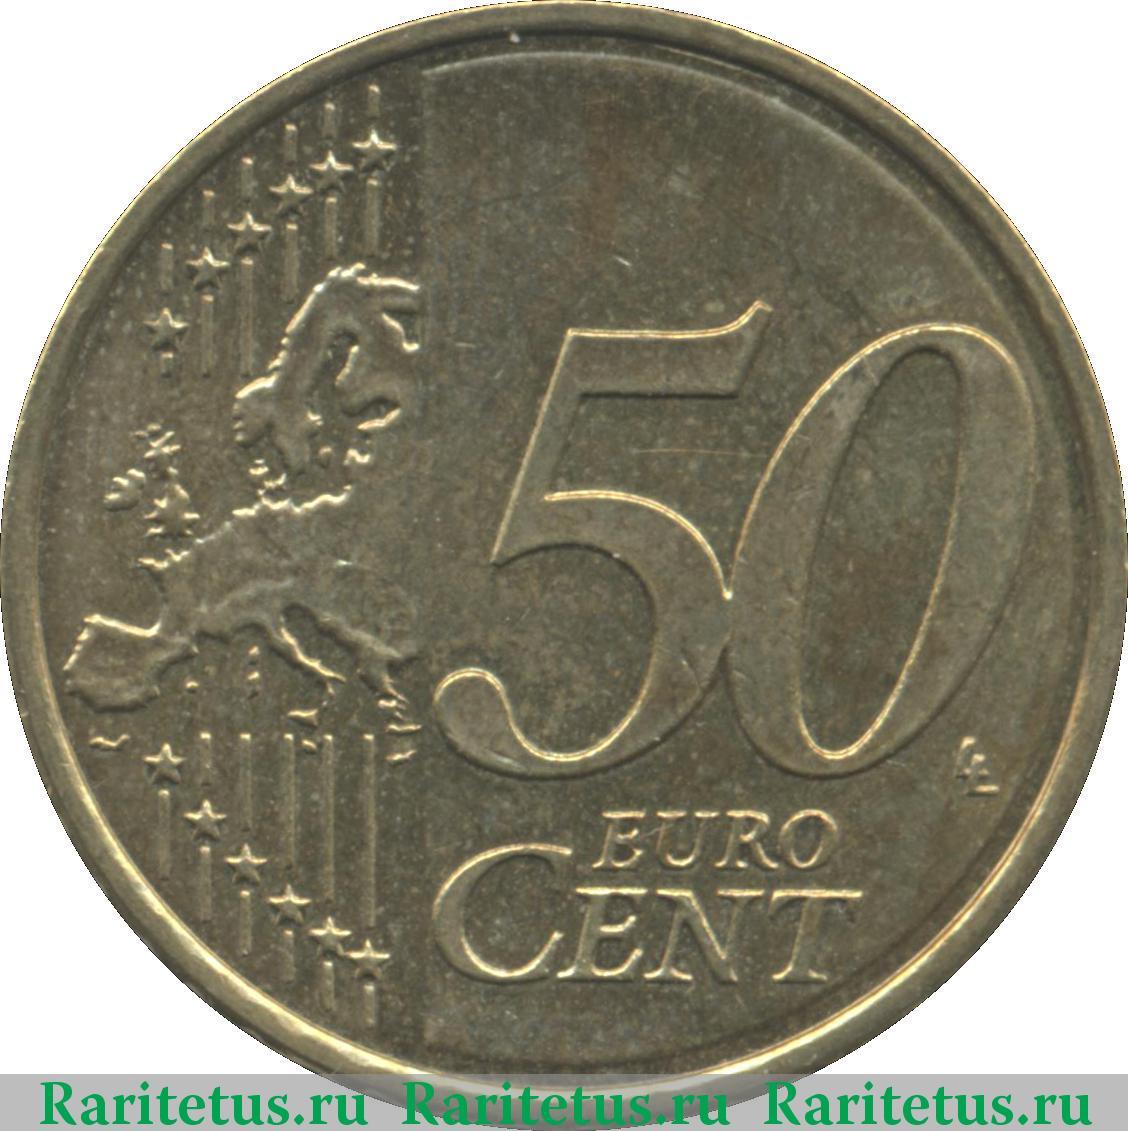 2 доллара 50 центов в рублях редкие современные рубли